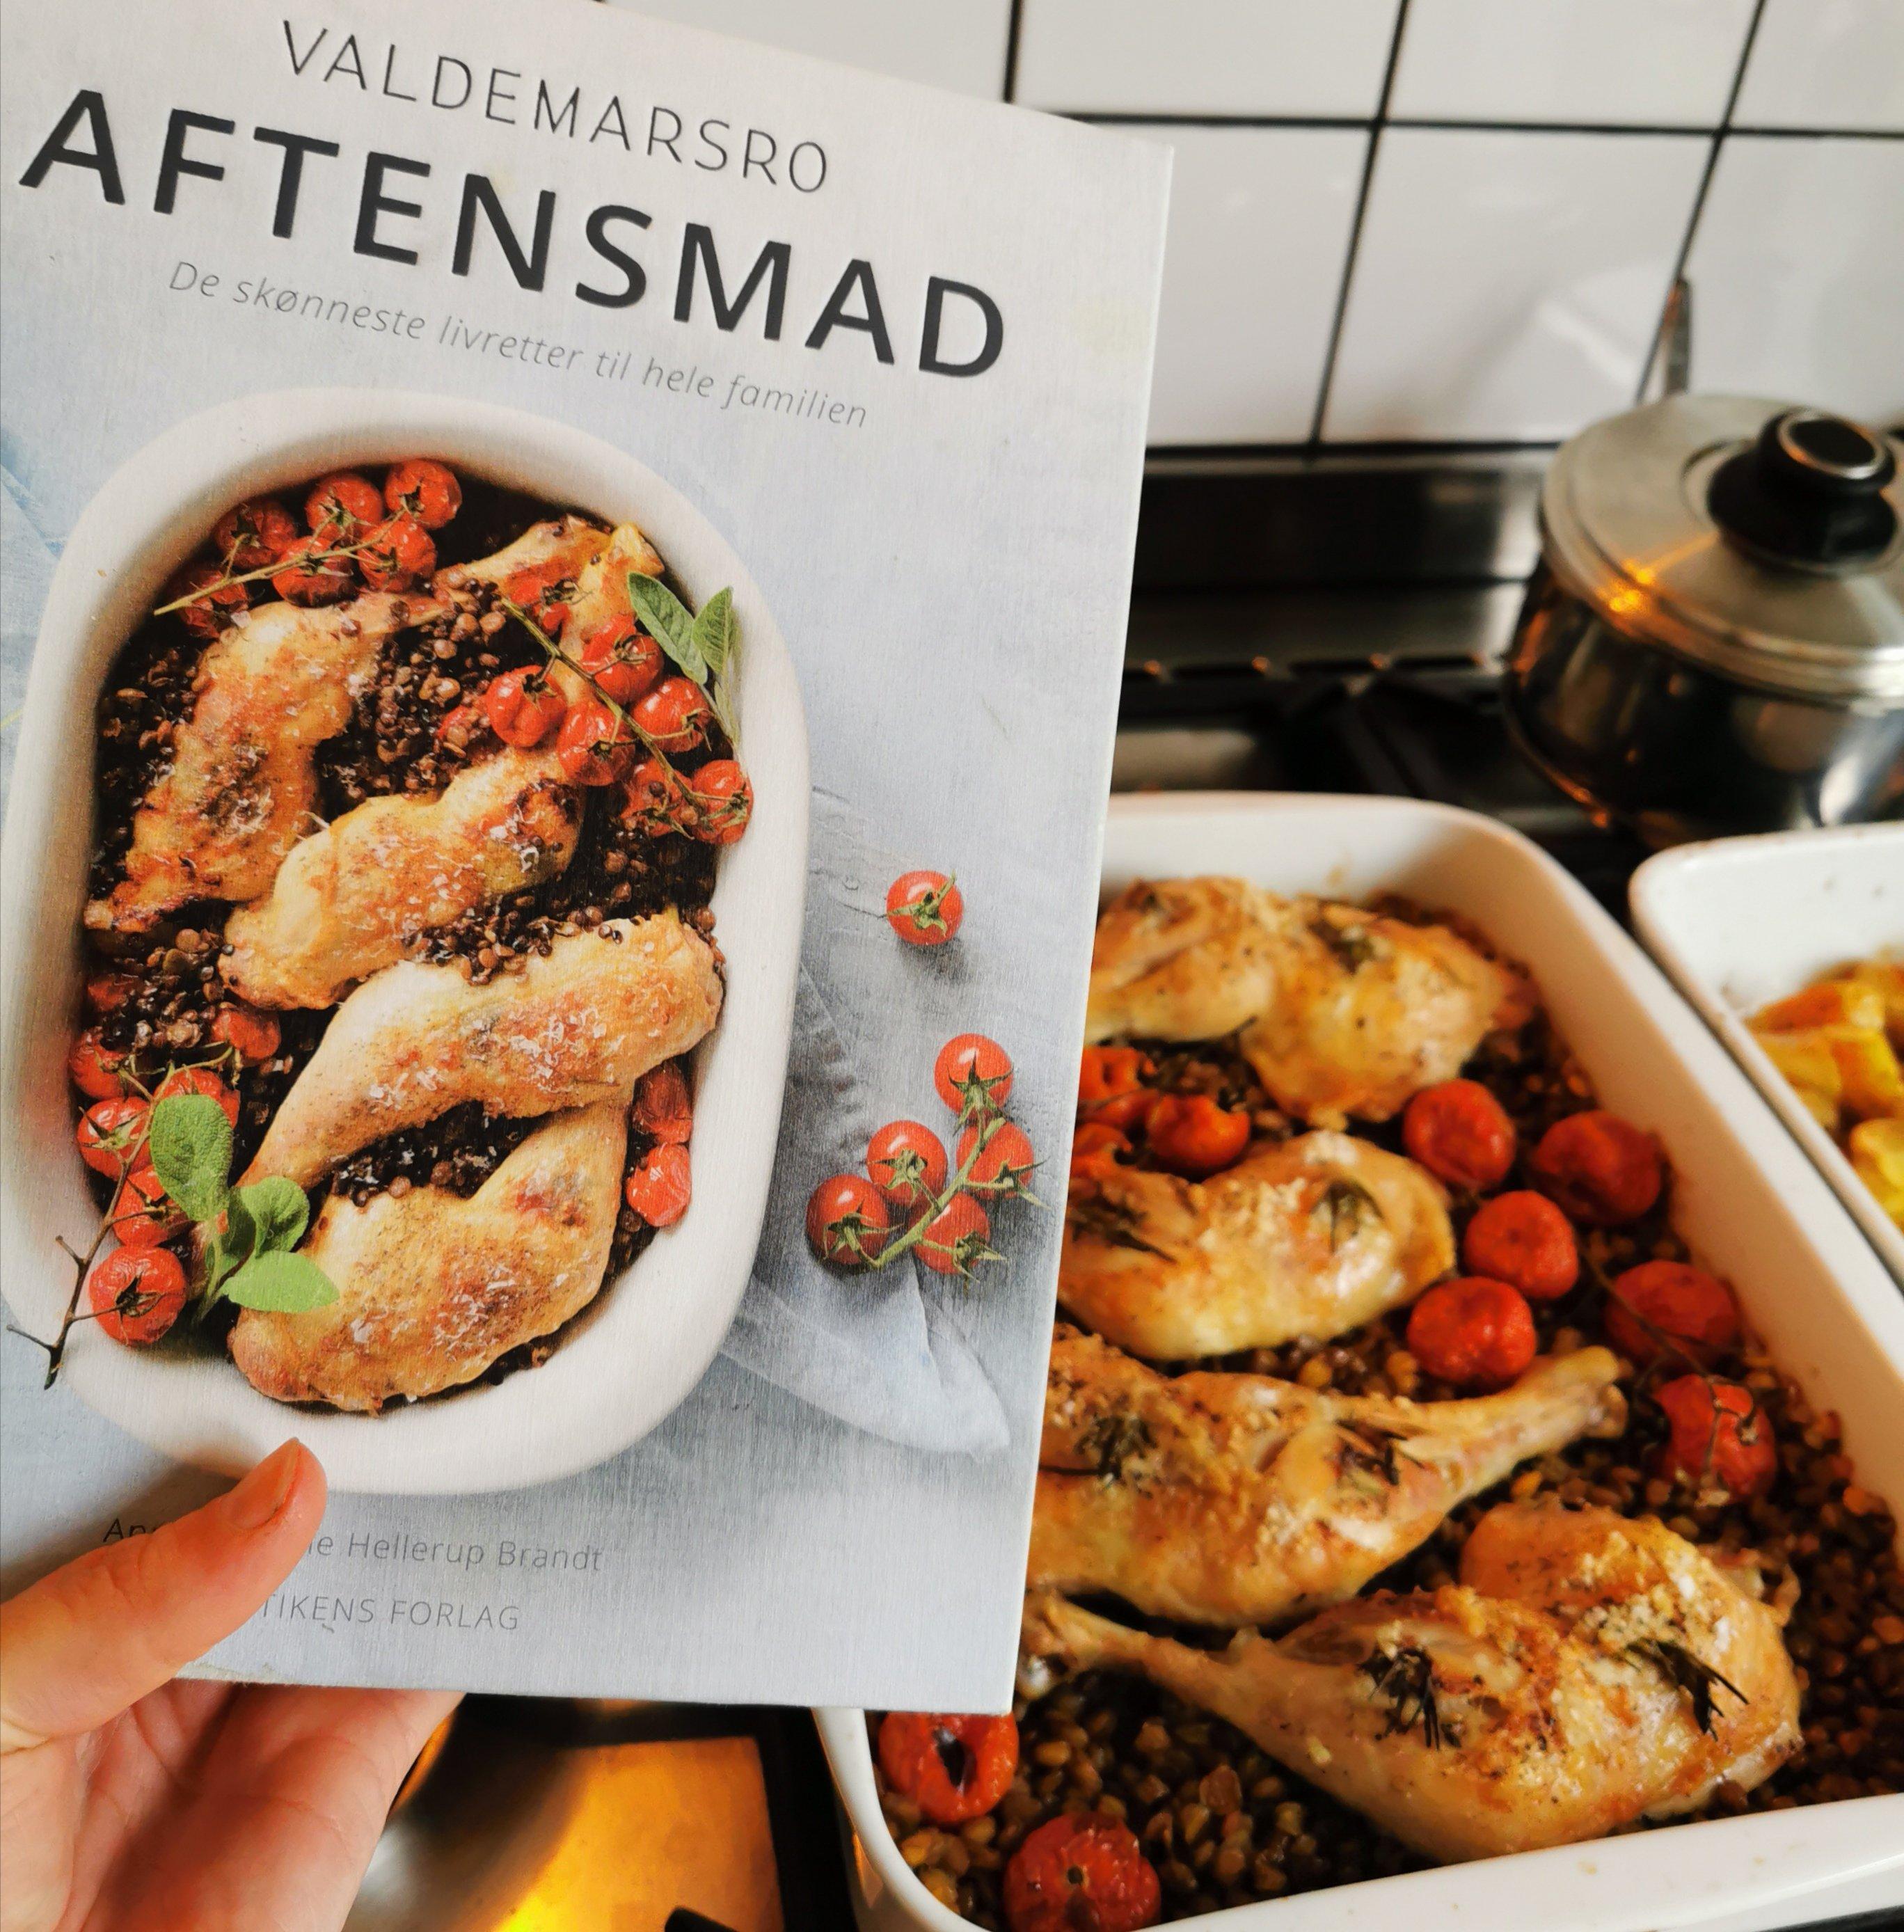 Valdemarsro hverdagsmad opskrifter kogebog kylling i ovn